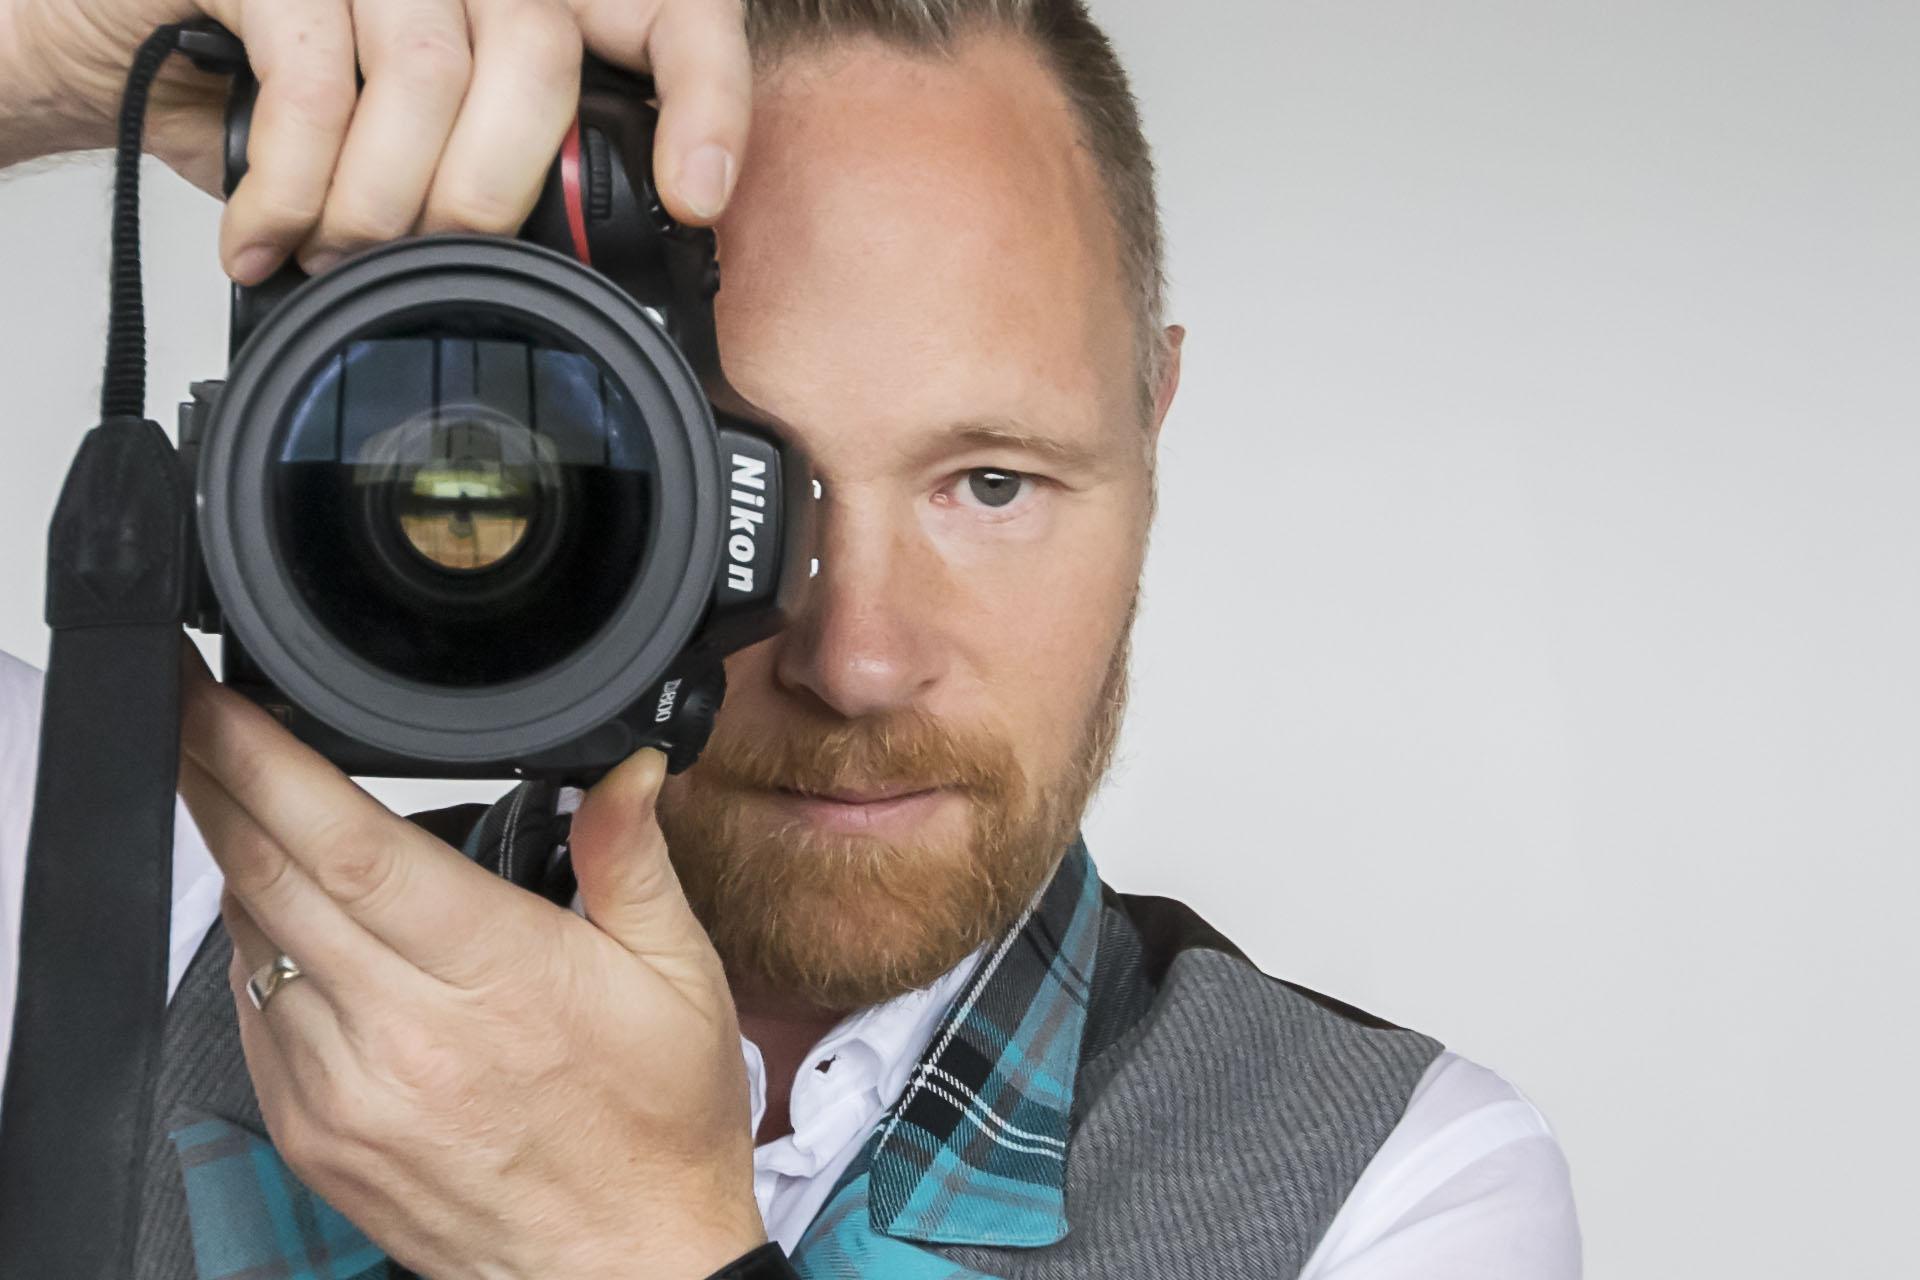 Birmingham photographer Paul Ward